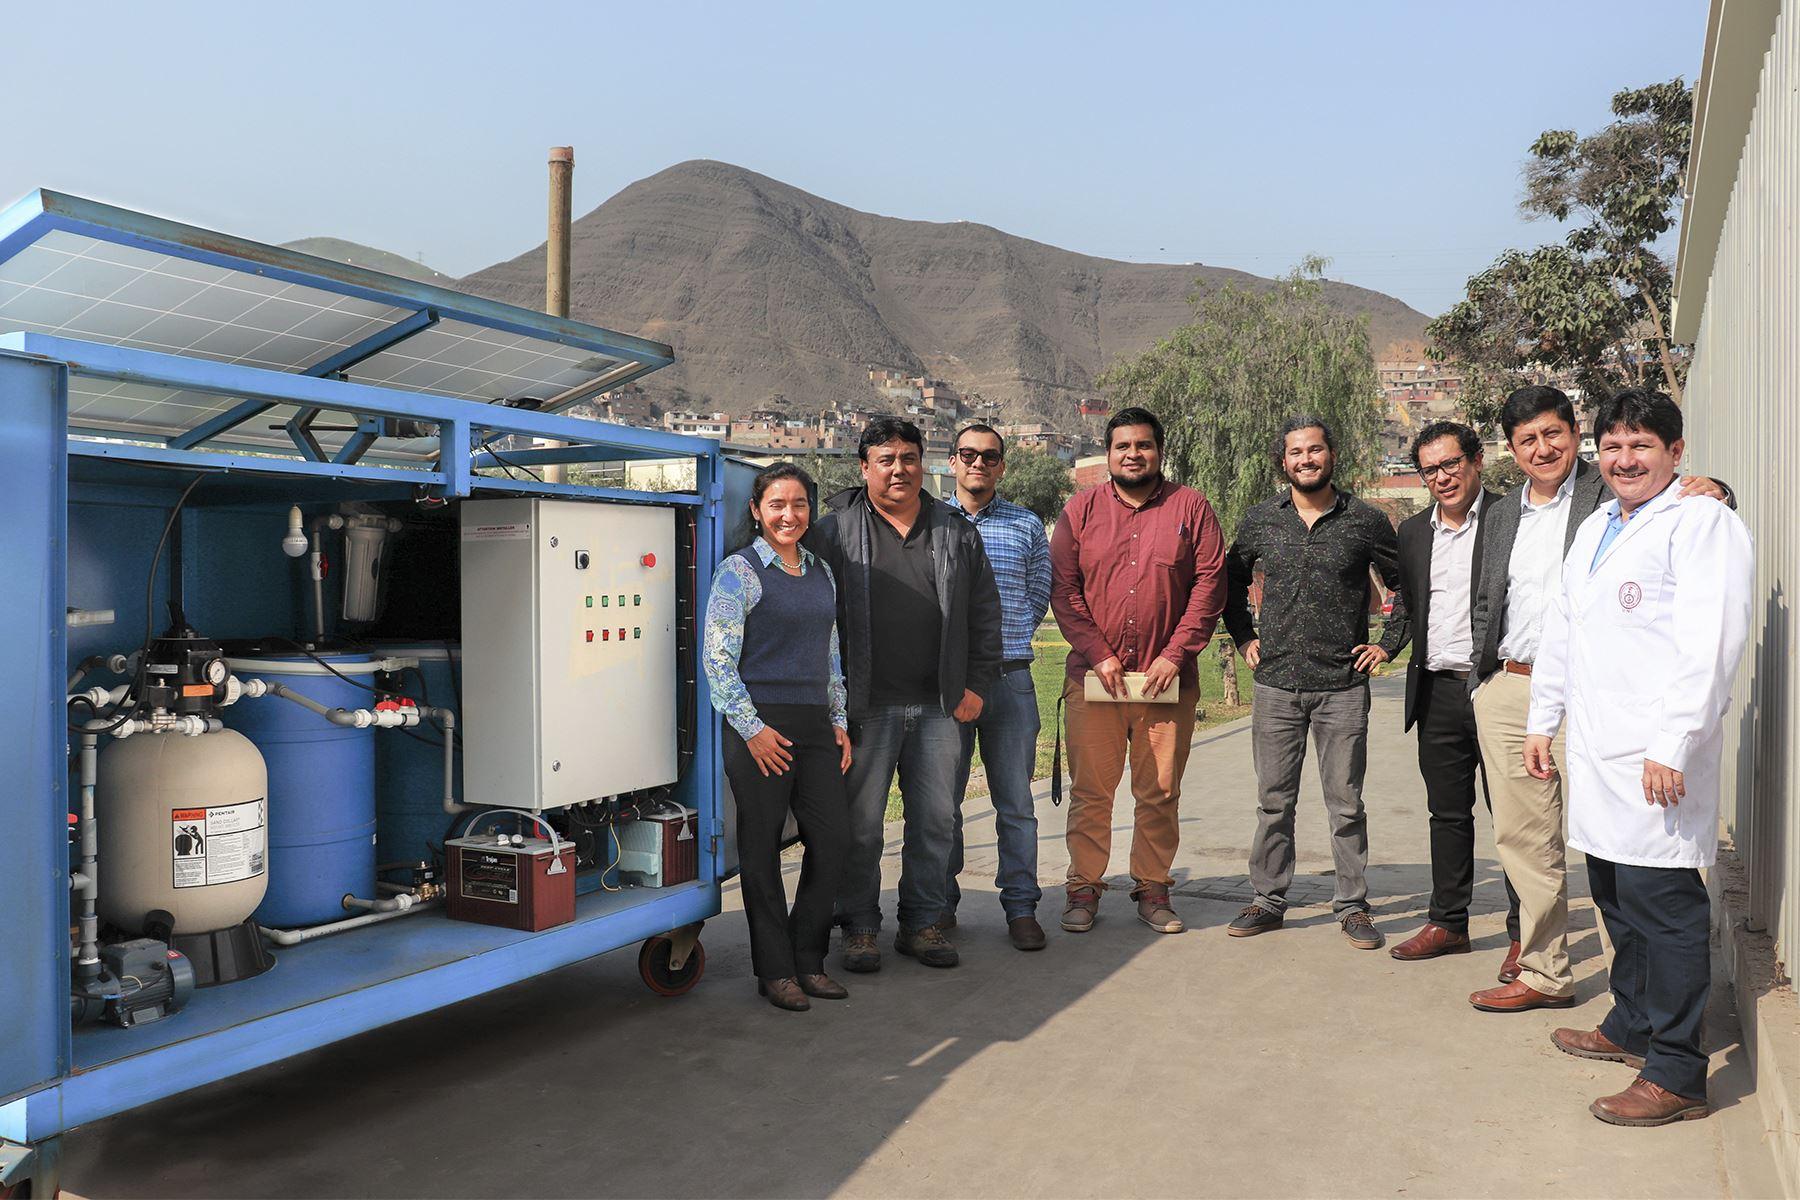 Patente de sistema portátil de recuperación de agua de la atmósfera para producir y dispensar agua potable. Foto. UNI